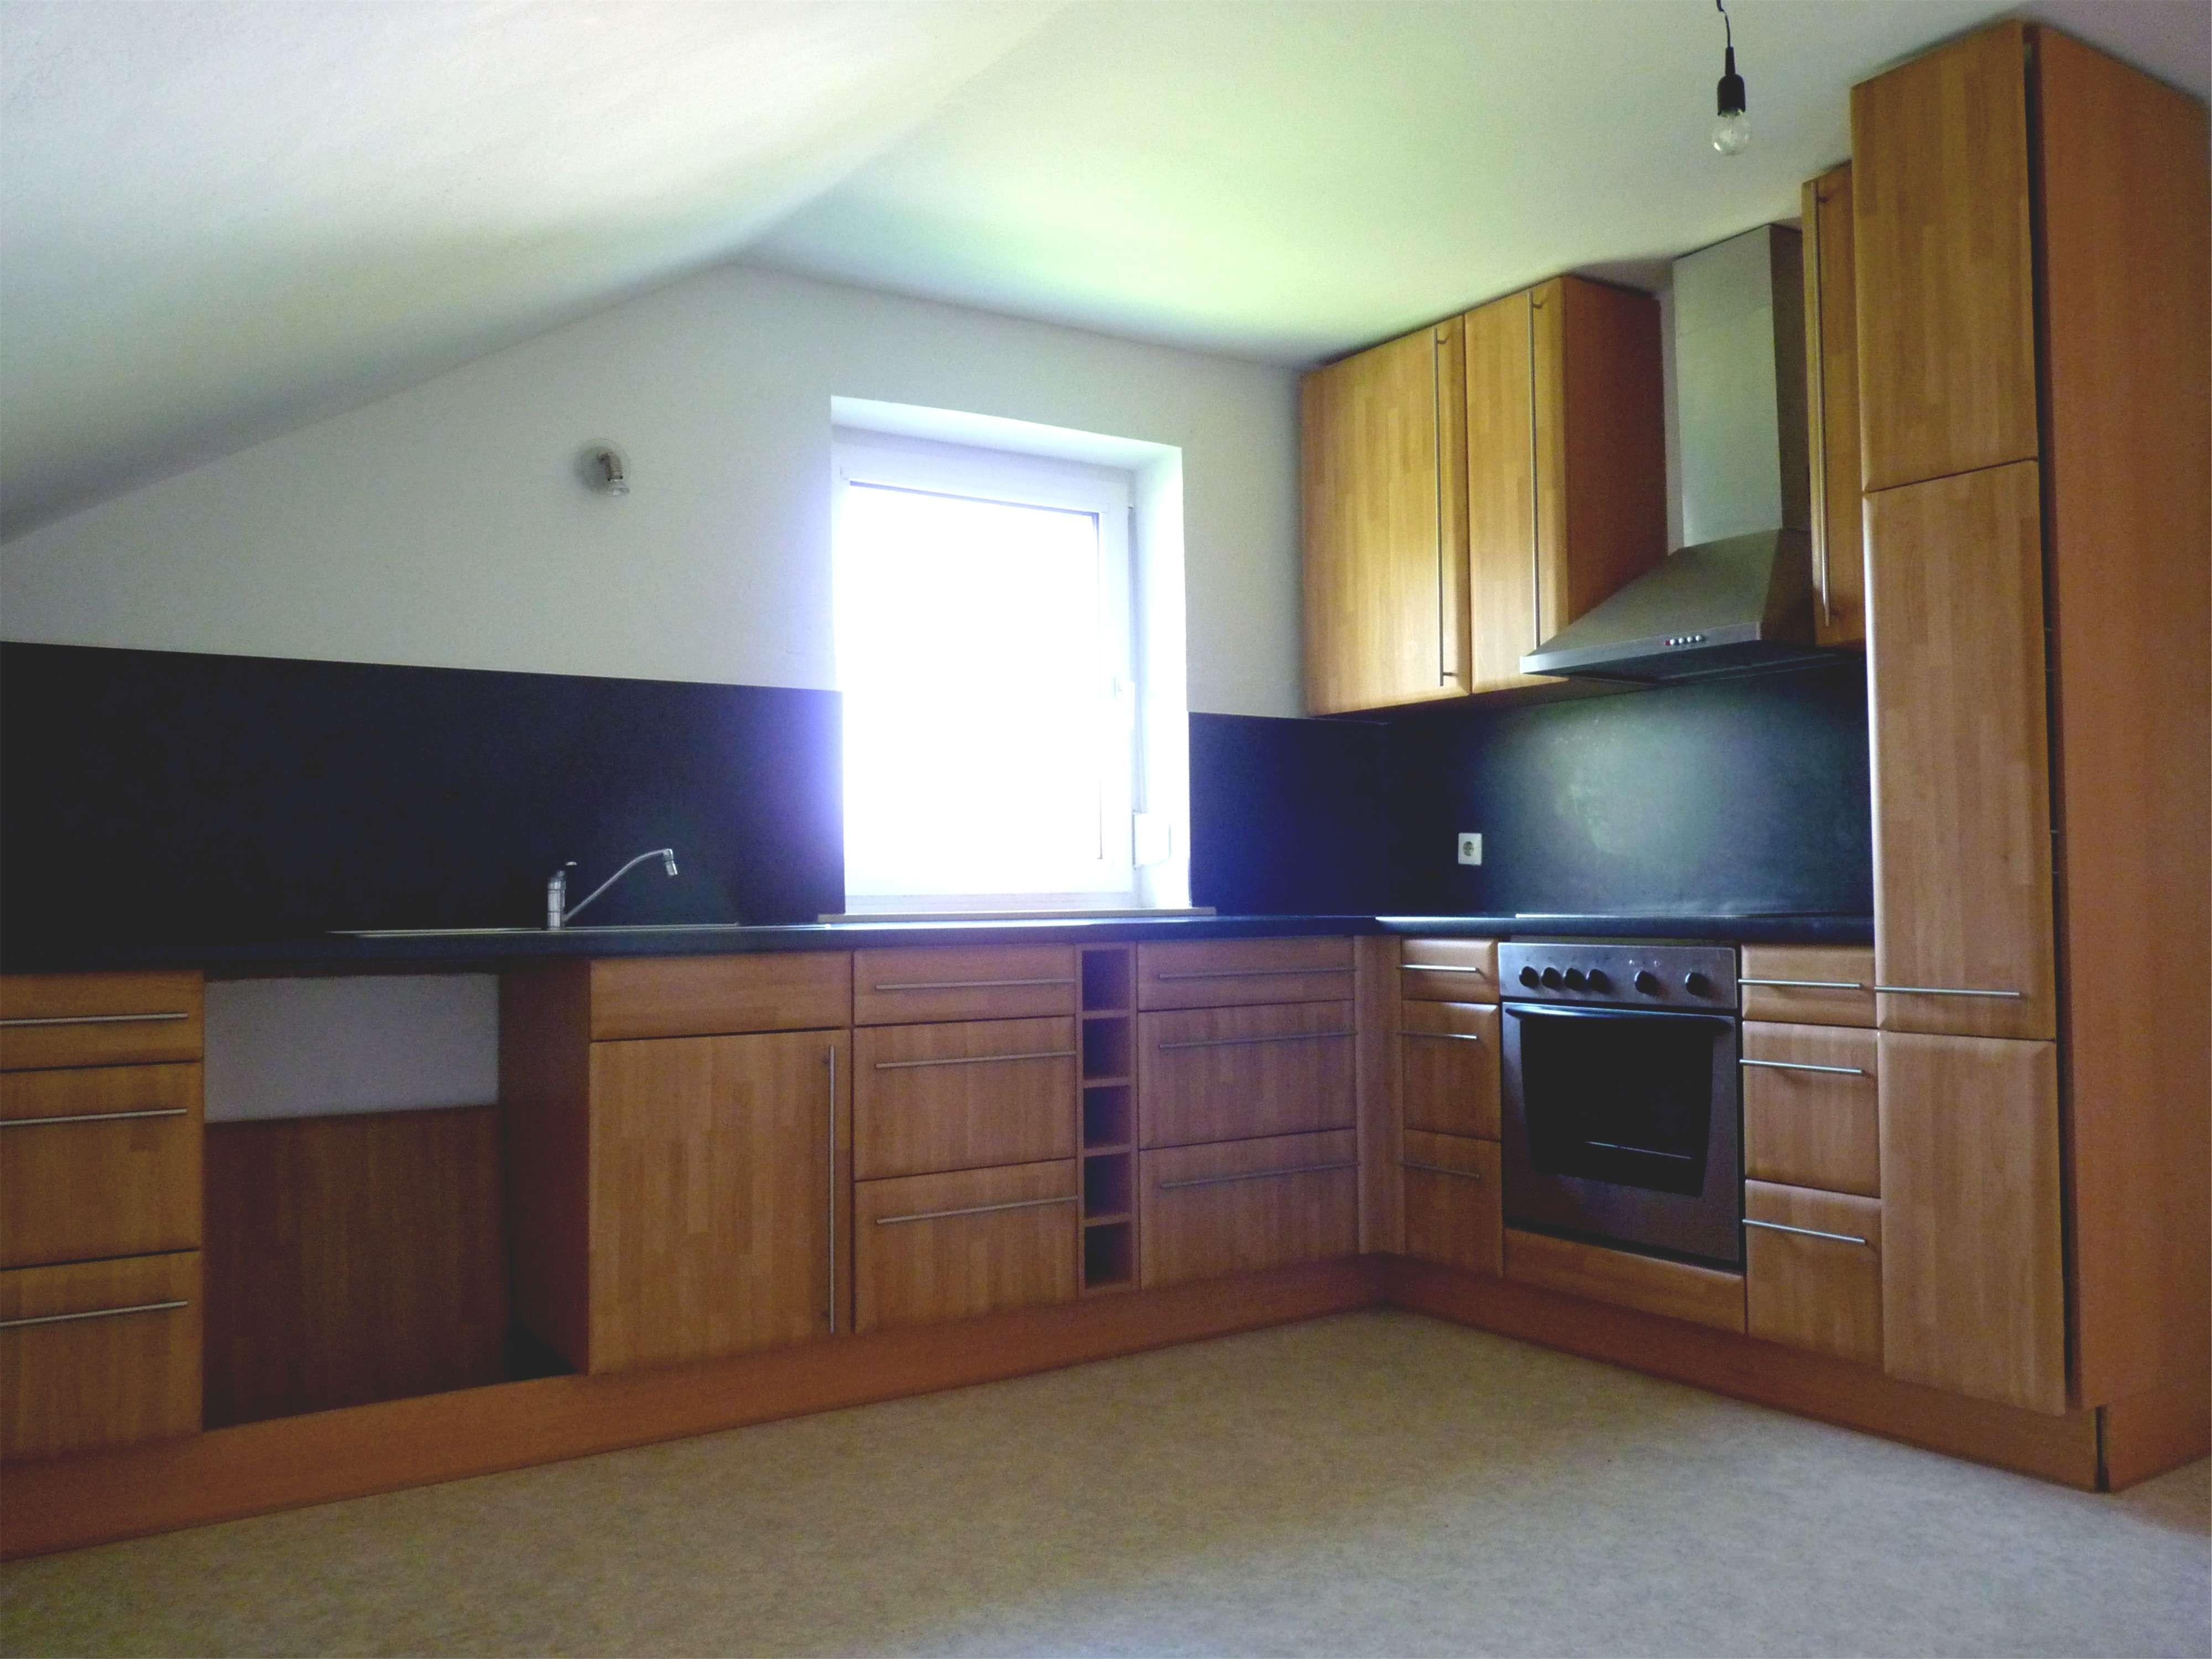 3,5-Zimmer-Dachgeschosswohnung mit Einbauküche in Frauenberg in Maisach